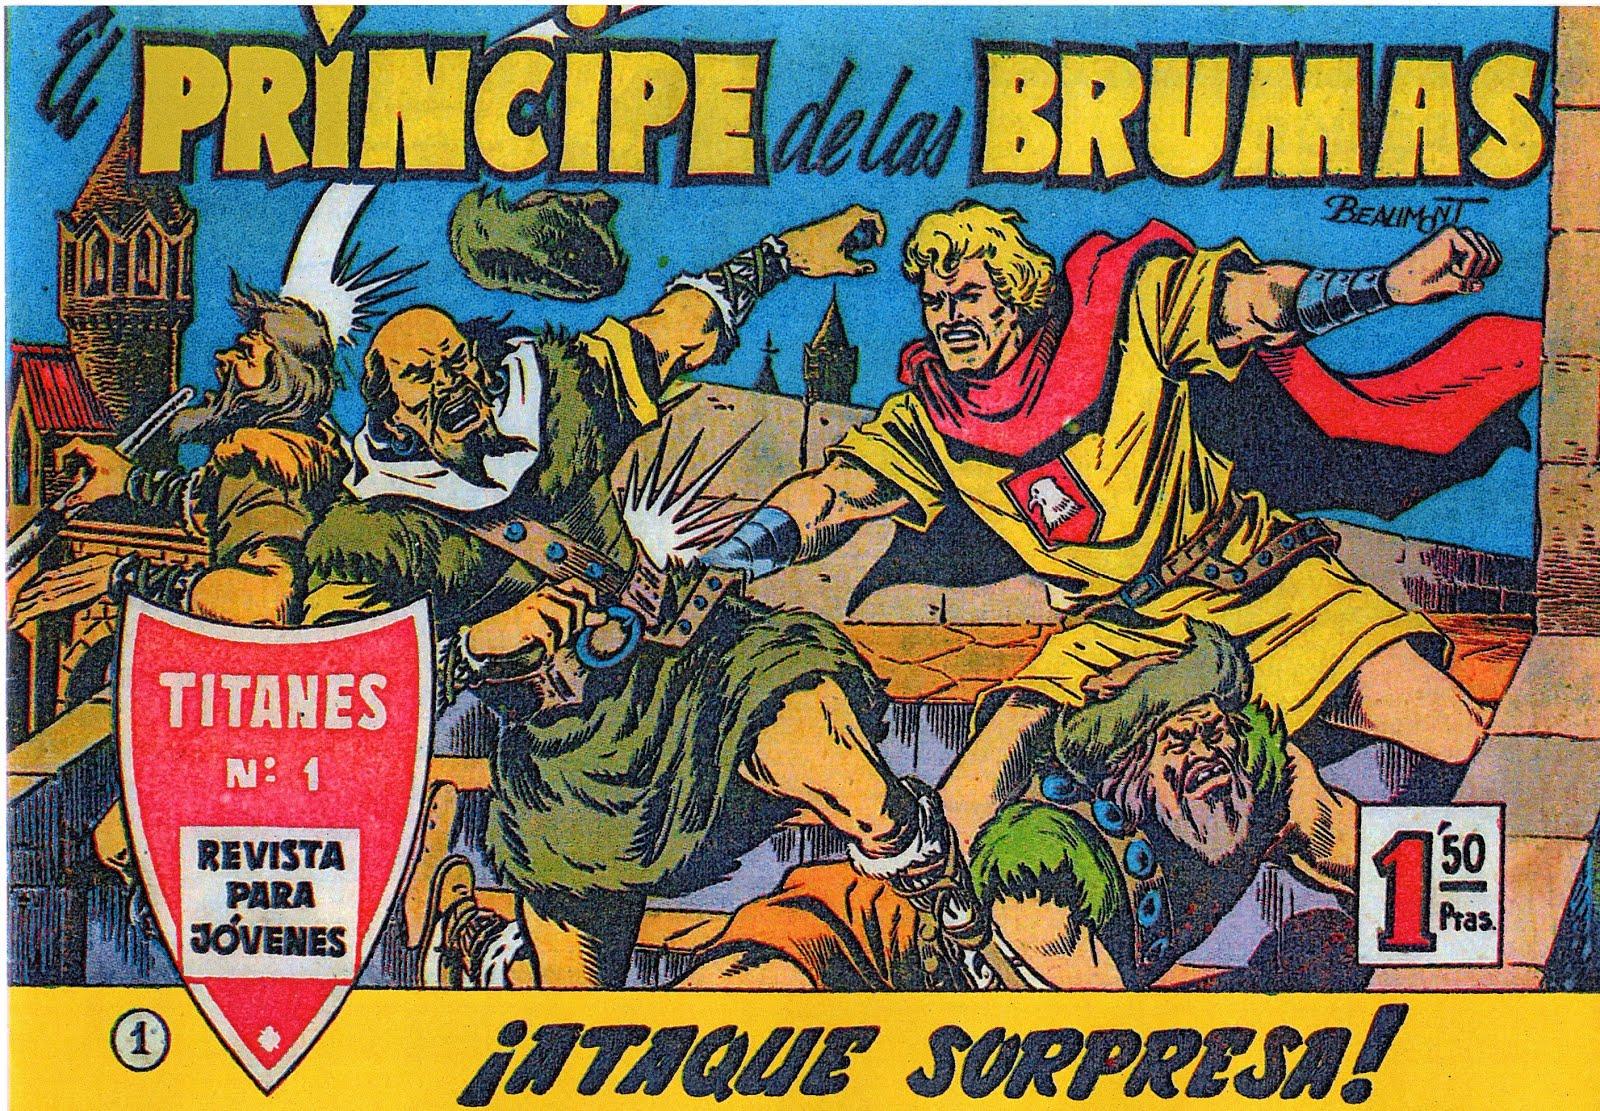 PRÓXIMAMENTE: El príncipe de las brumas (16 tebeos)